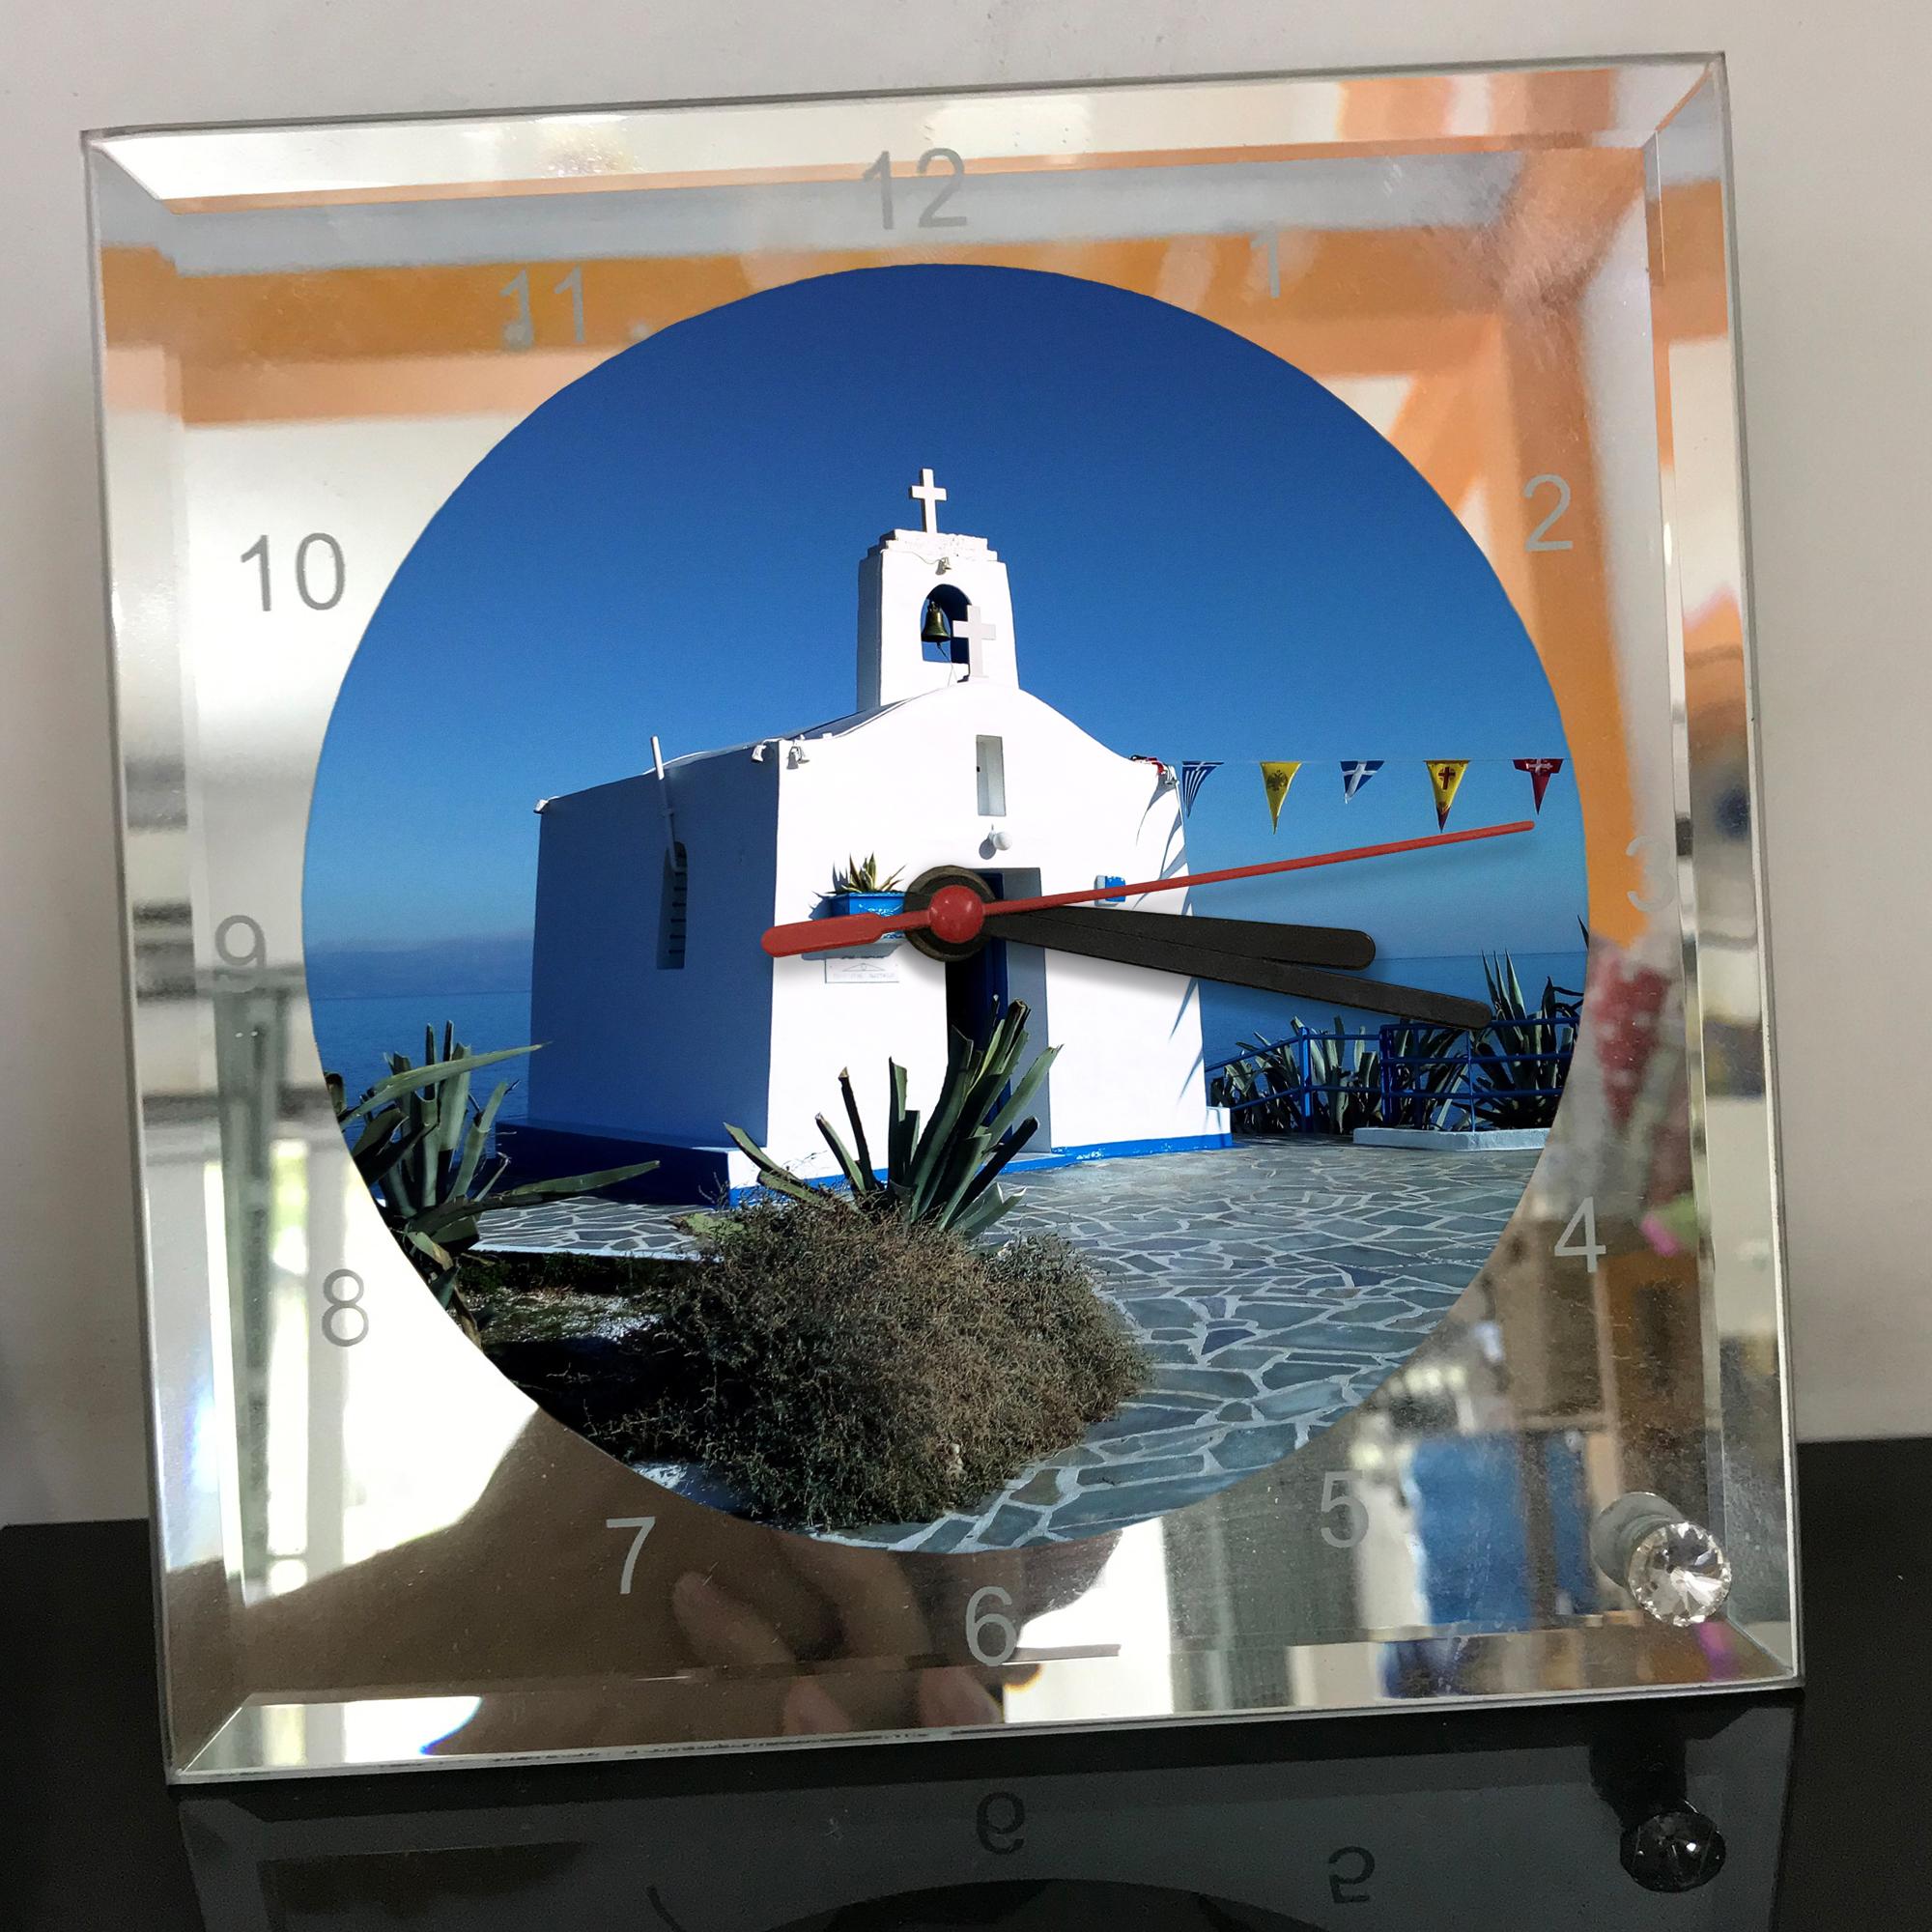 Đồng hồ thủy tinh vuông 20x20 in hình Church - nhà thờ (33) . Đồng hồ thủy tinh để bàn trang trí đẹp chủ đề tôn giáo